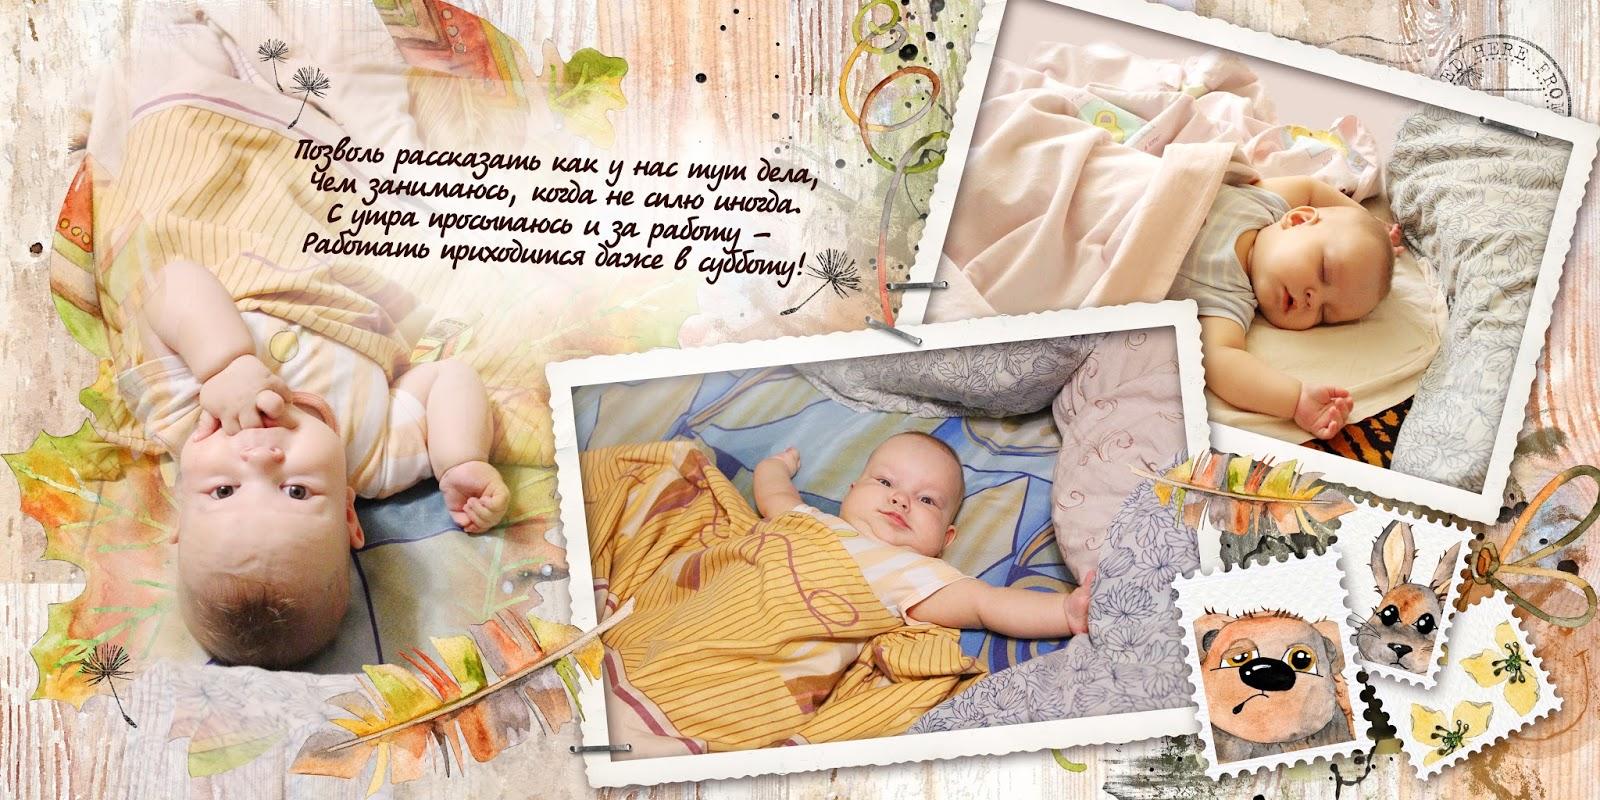 Поздравления с новорожденным сыном с картинками